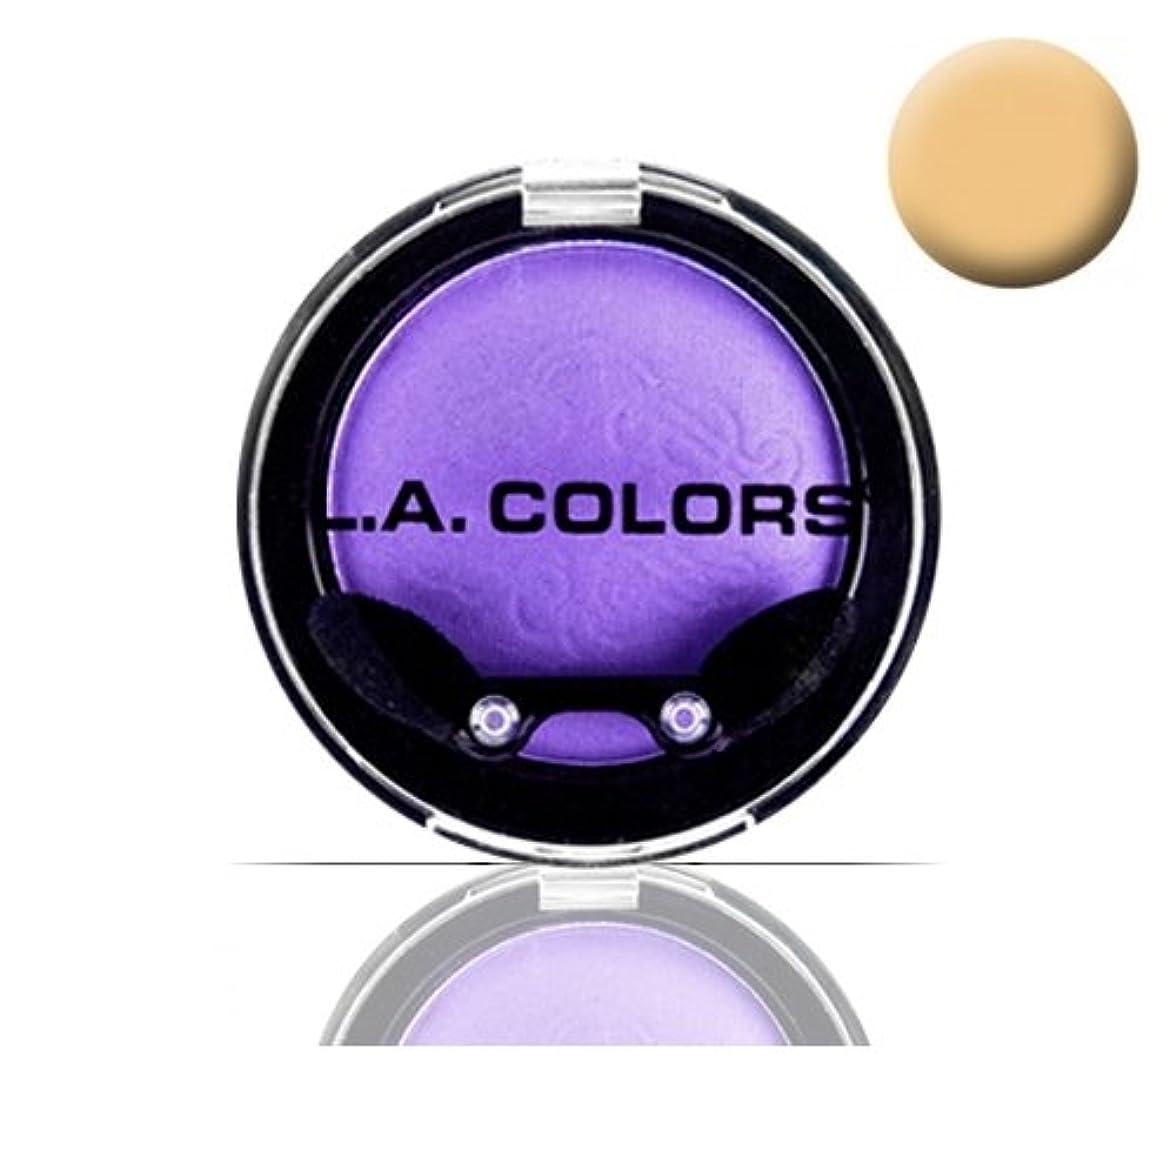 ハント起業家達成可能(3 Pack) LA COLOR Eyeshadow Pot - Champagne (並行輸入品)